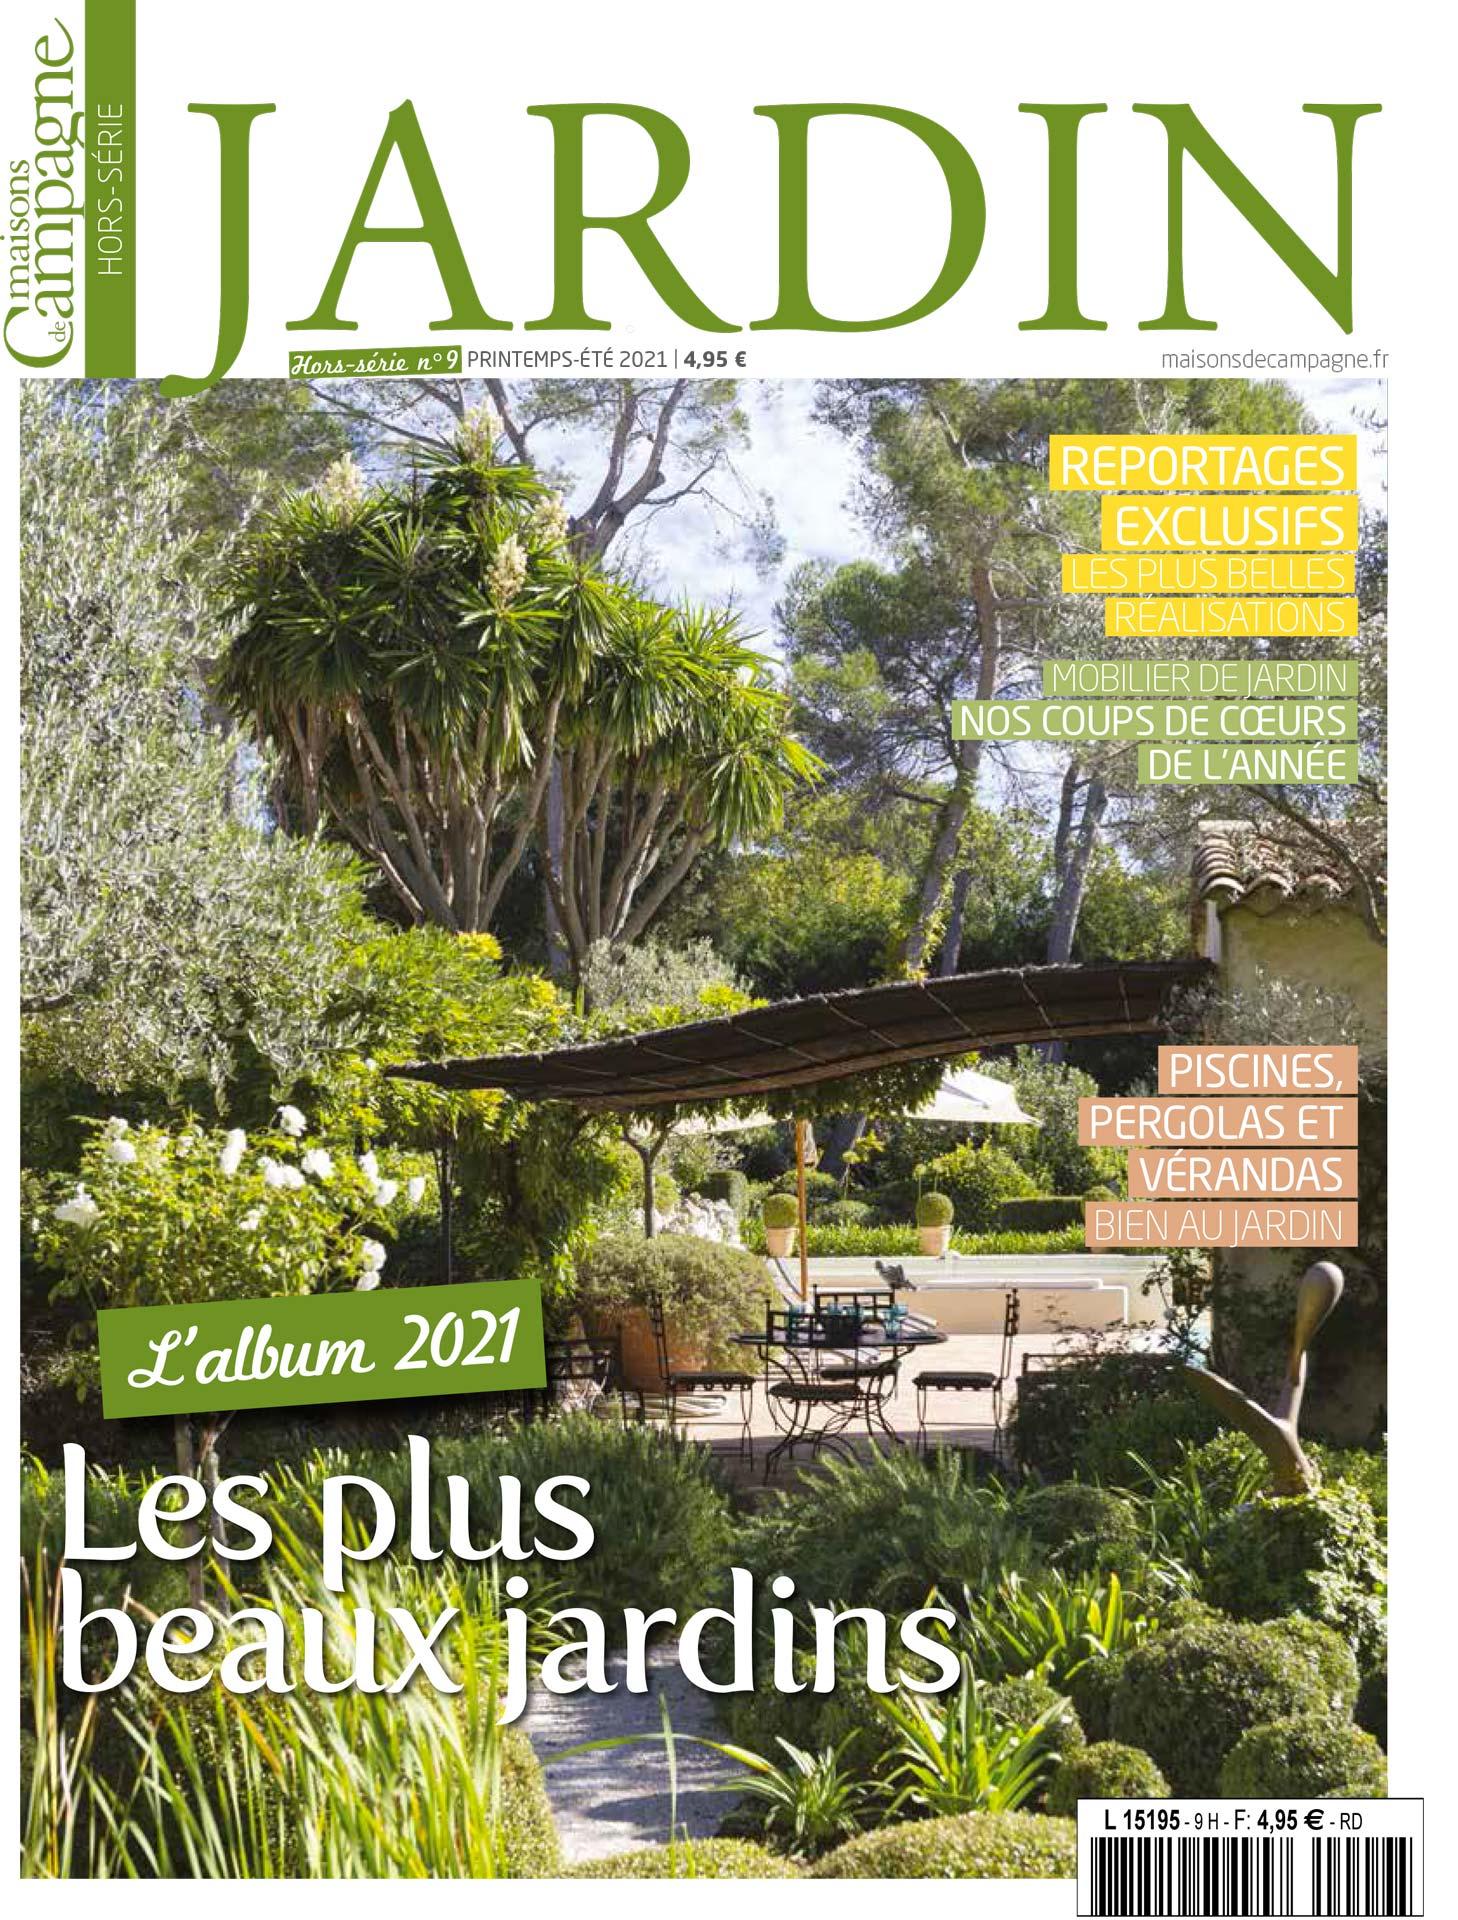 MAISONS DE CAMPAGNE – Hors série Jardin 2021